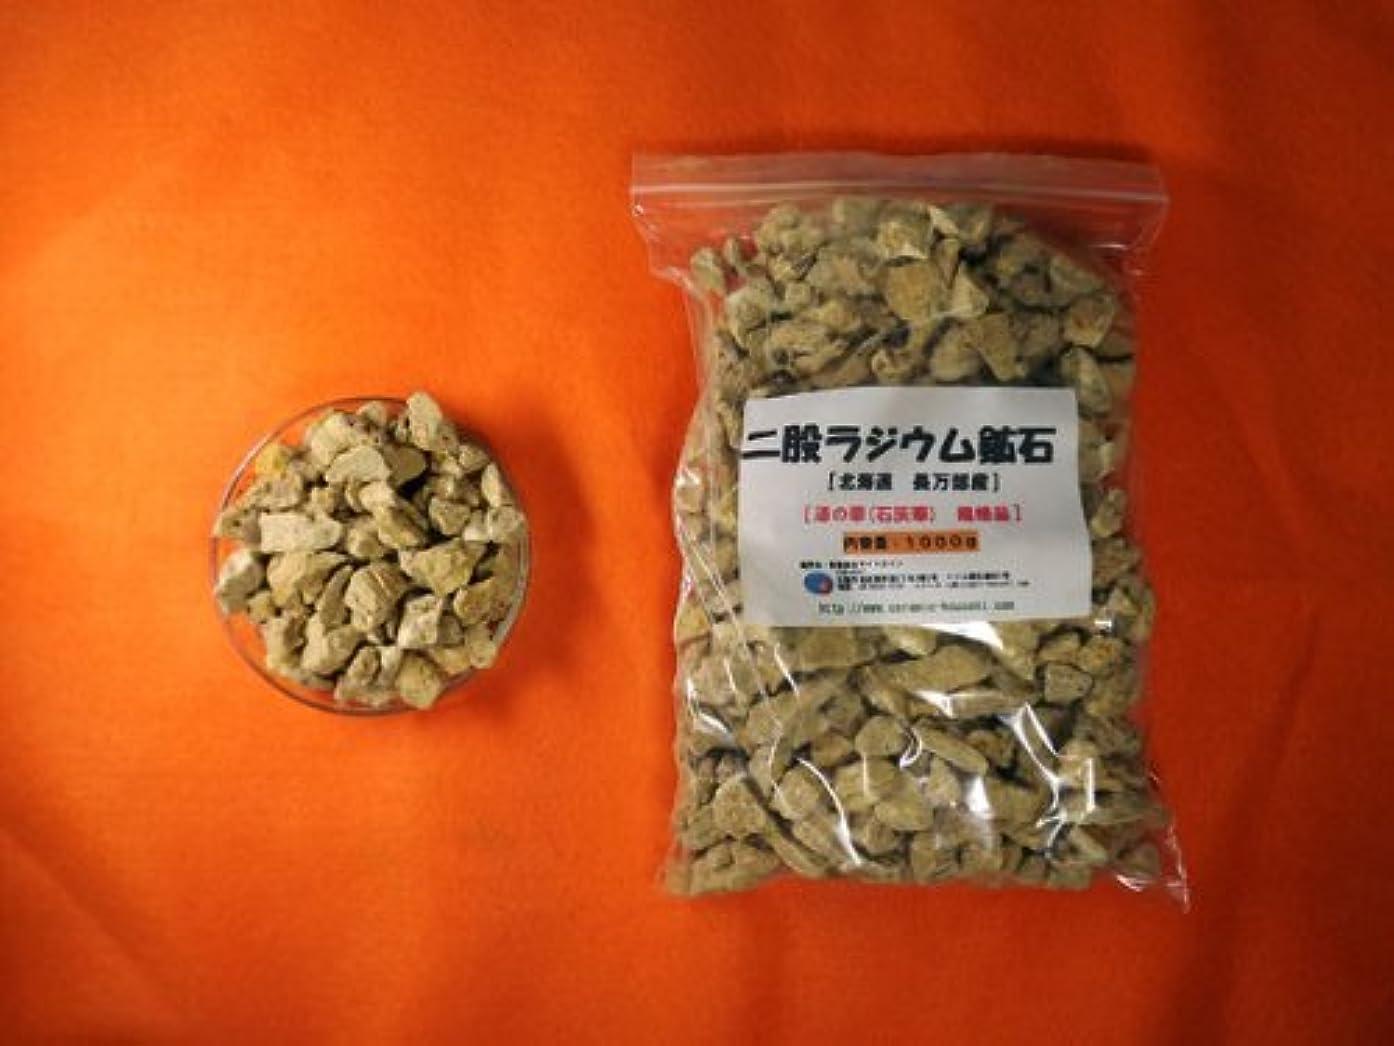 灌漑層死二股ラジウム鉱石 湯の華 [北海道 長万部産]3000g